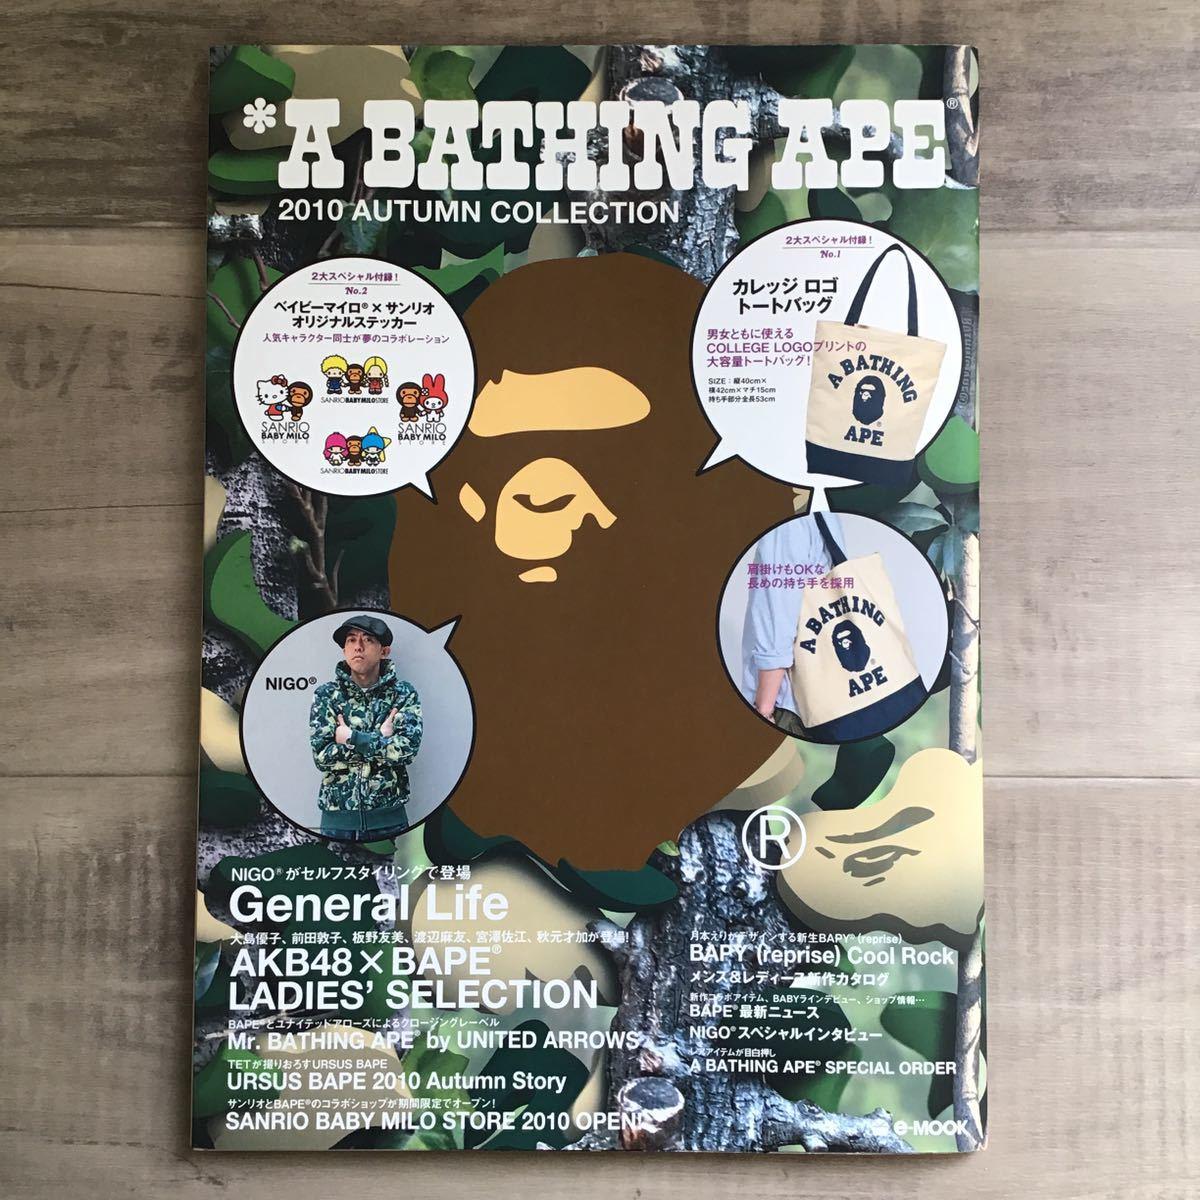 ★付録未開封★ 2010 AUTUMN ムック本 a bathing ape bape mook book エイプ ベイプ 付録 本 nigo カレッジロゴ トートバッグ tote bag